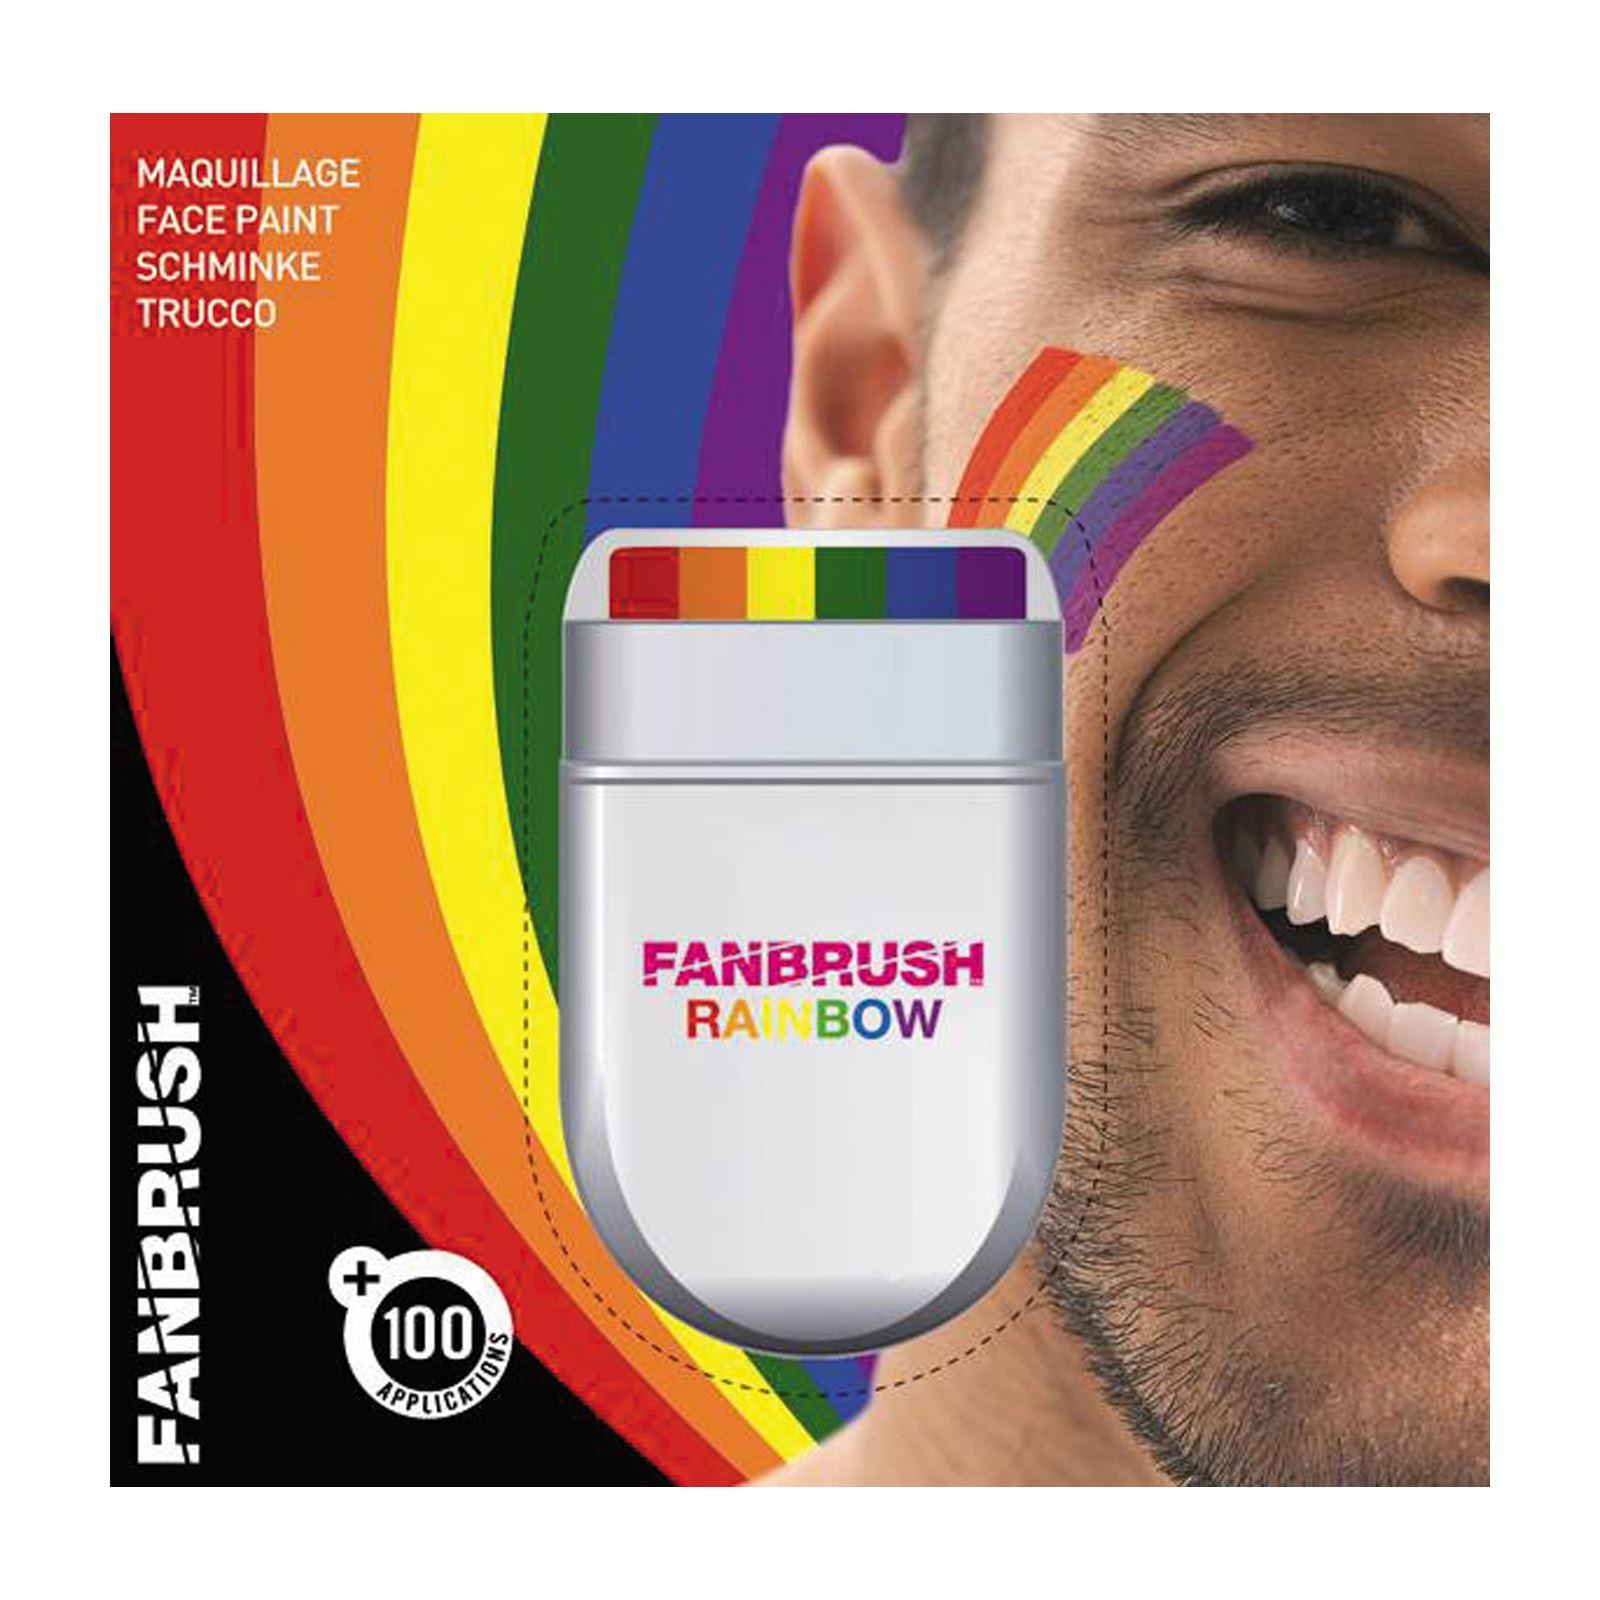 la cara y el cuerpo de pintura fcil pintura de la cara bandera del arco iris del orgullo gay de maquillaje fanbrush